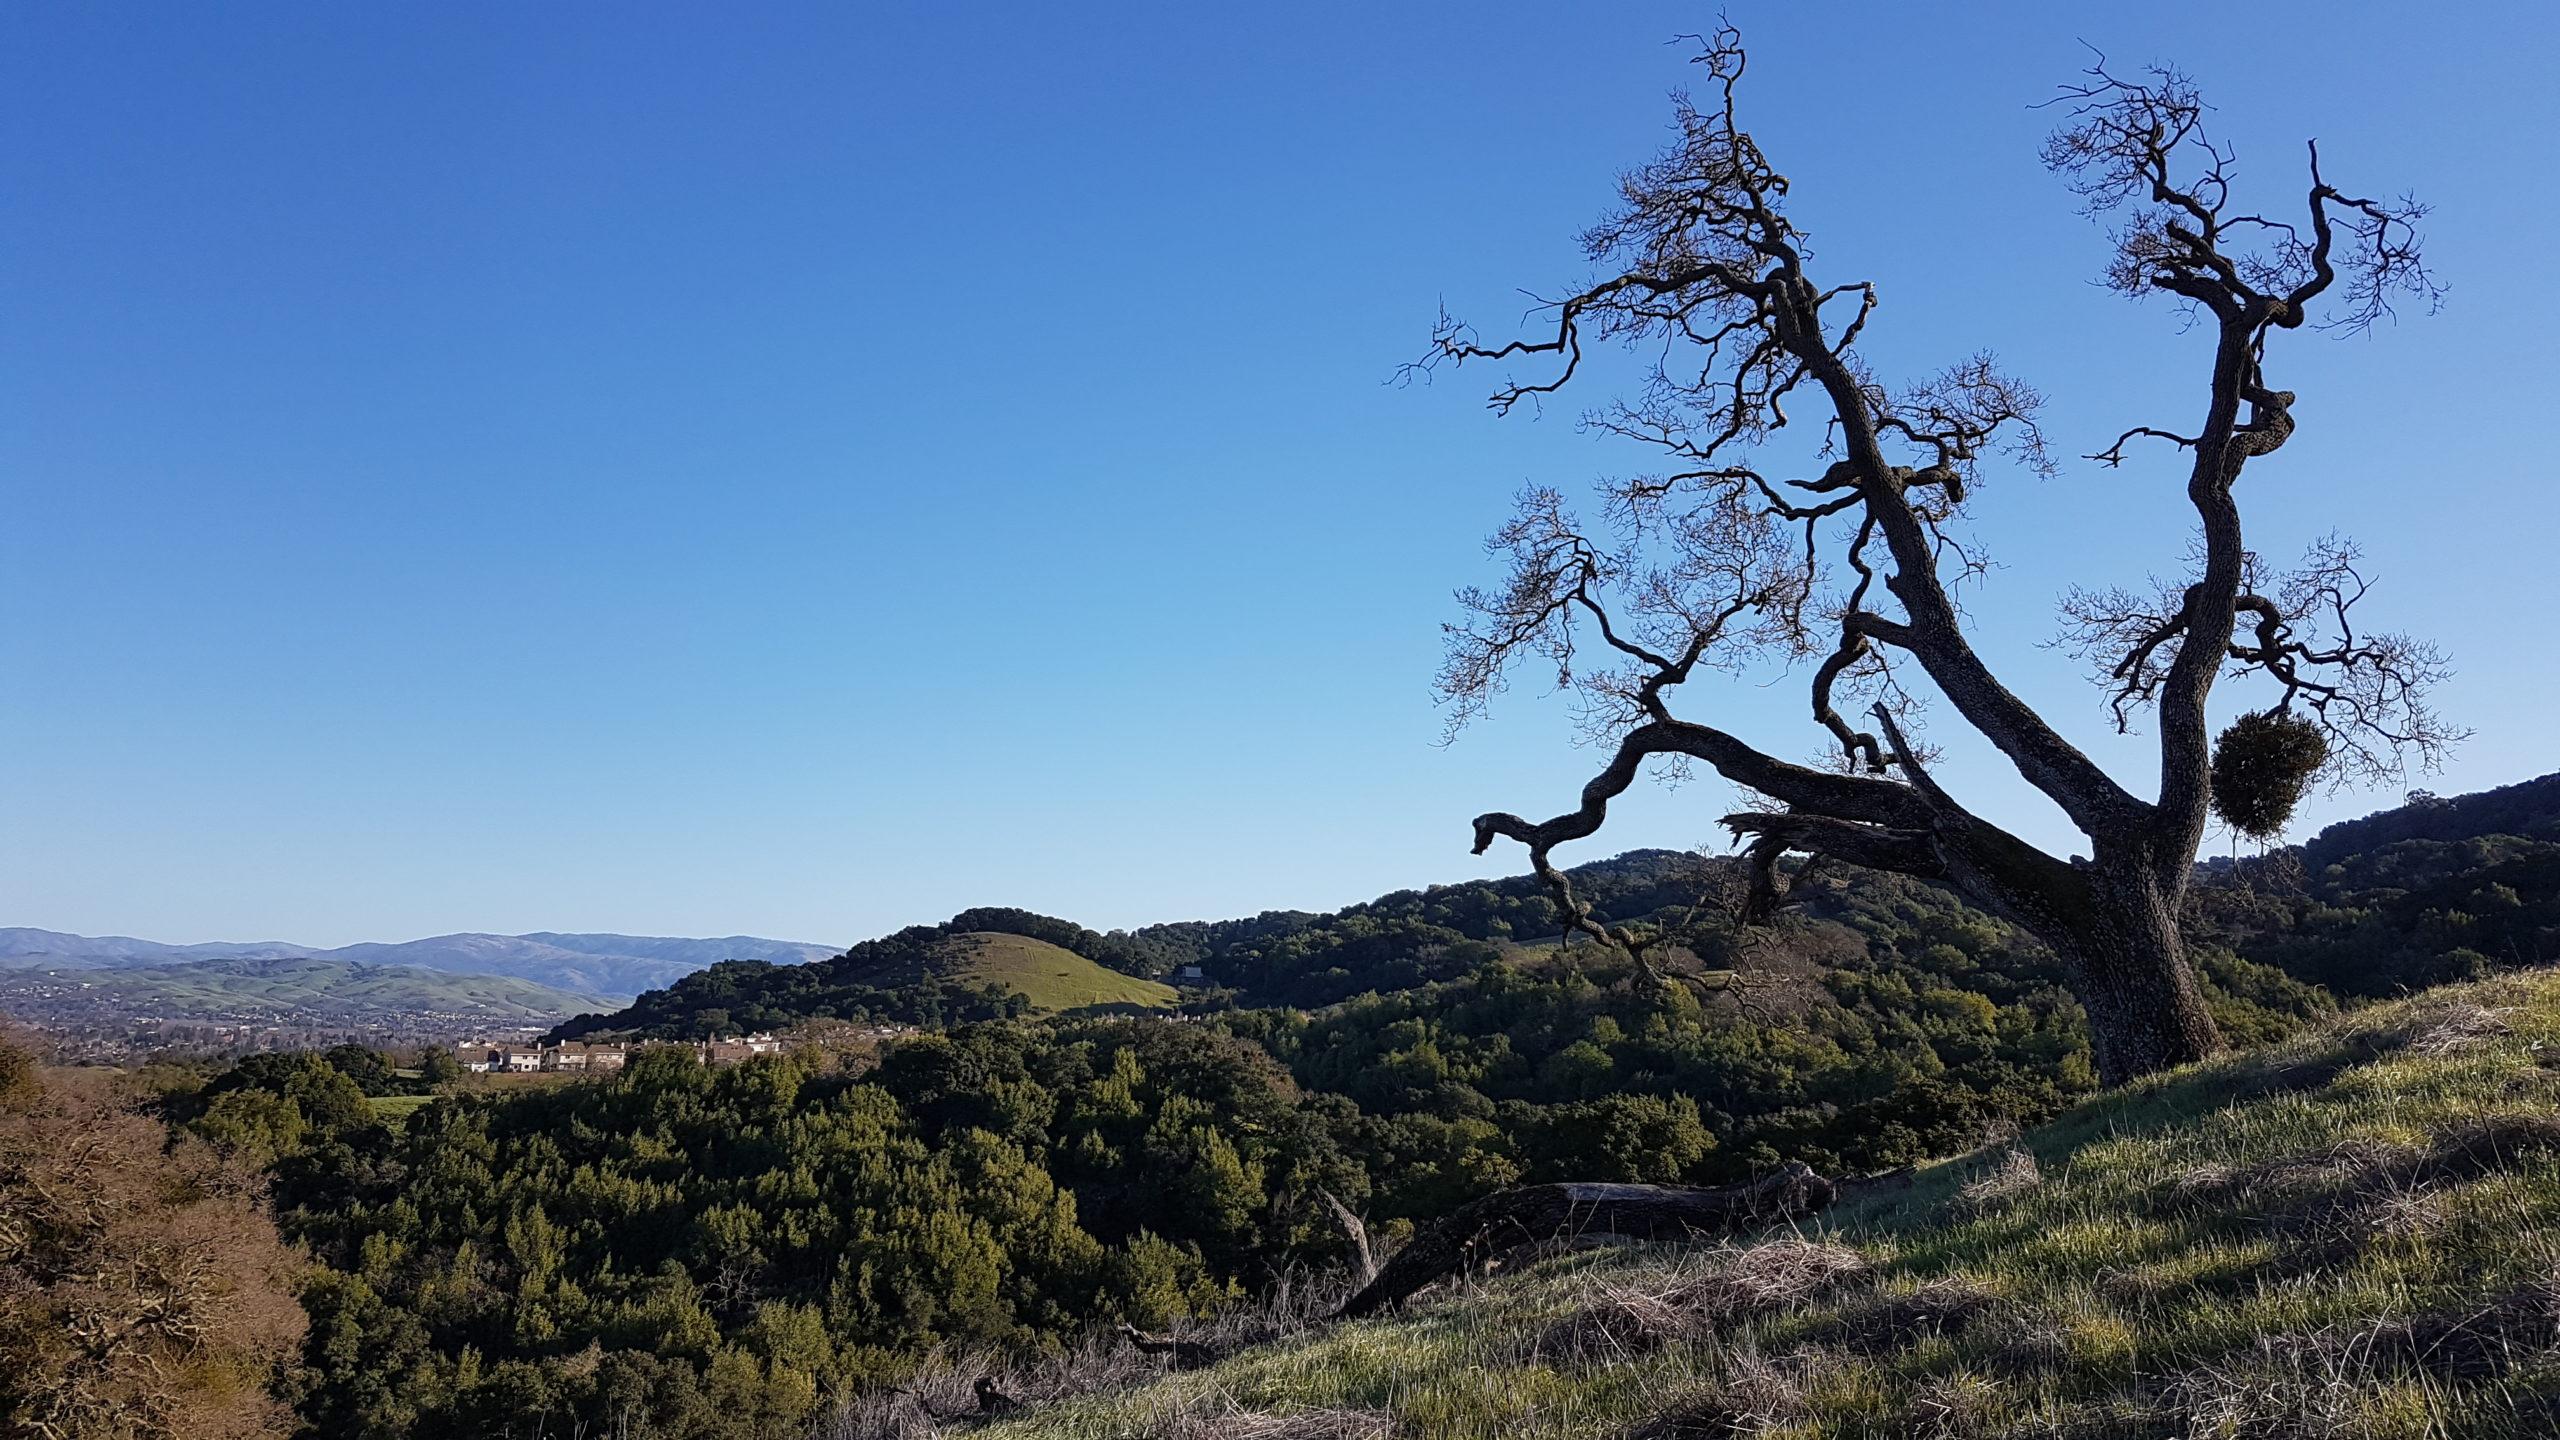 """J'aime bien ces arbres """"biscornus"""" 😄. On dirait que celui là surveille la vallée depuis son """"spot""""."""